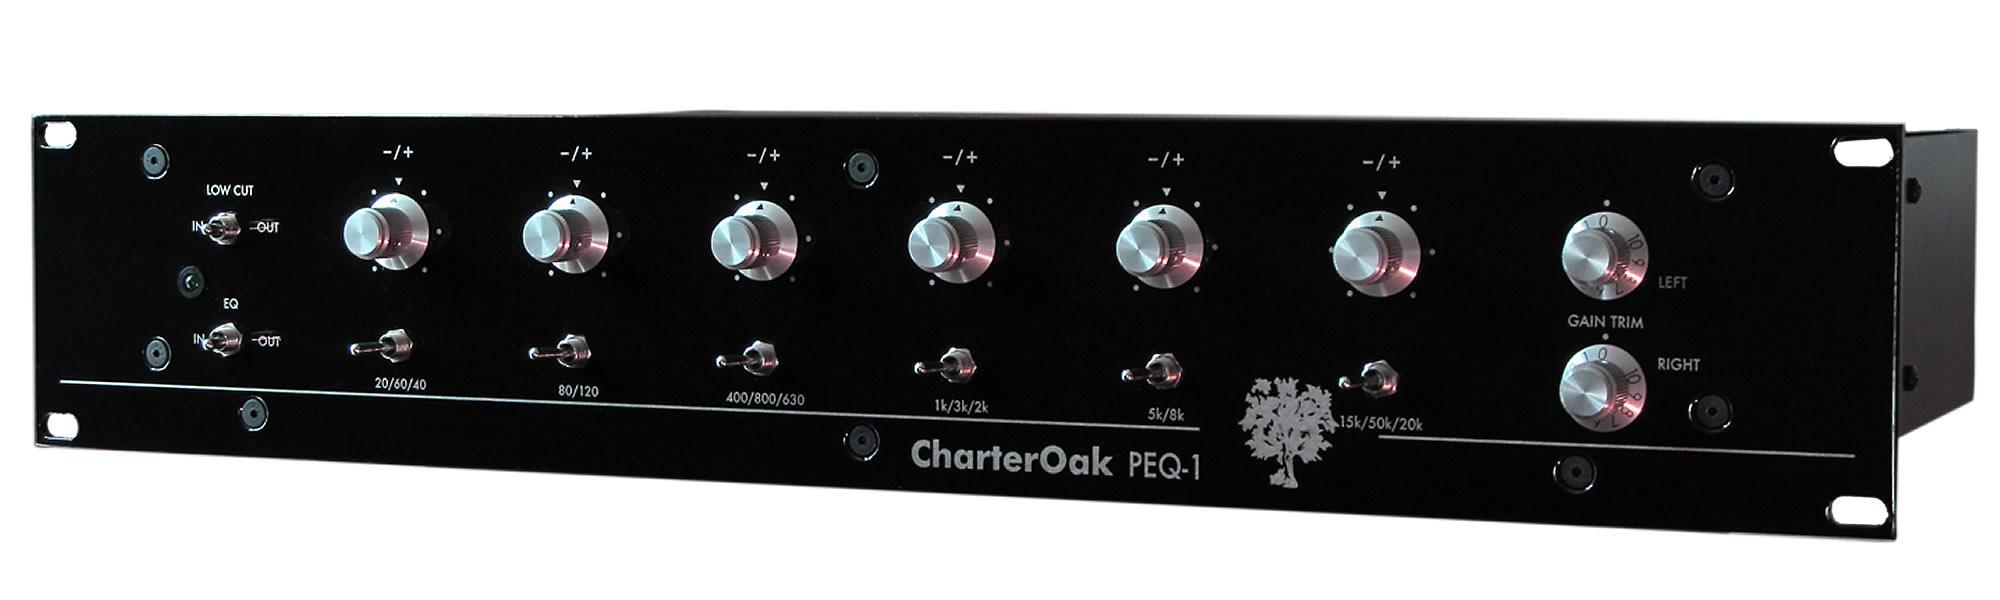 CharterOak PEQ1 Progam EQ